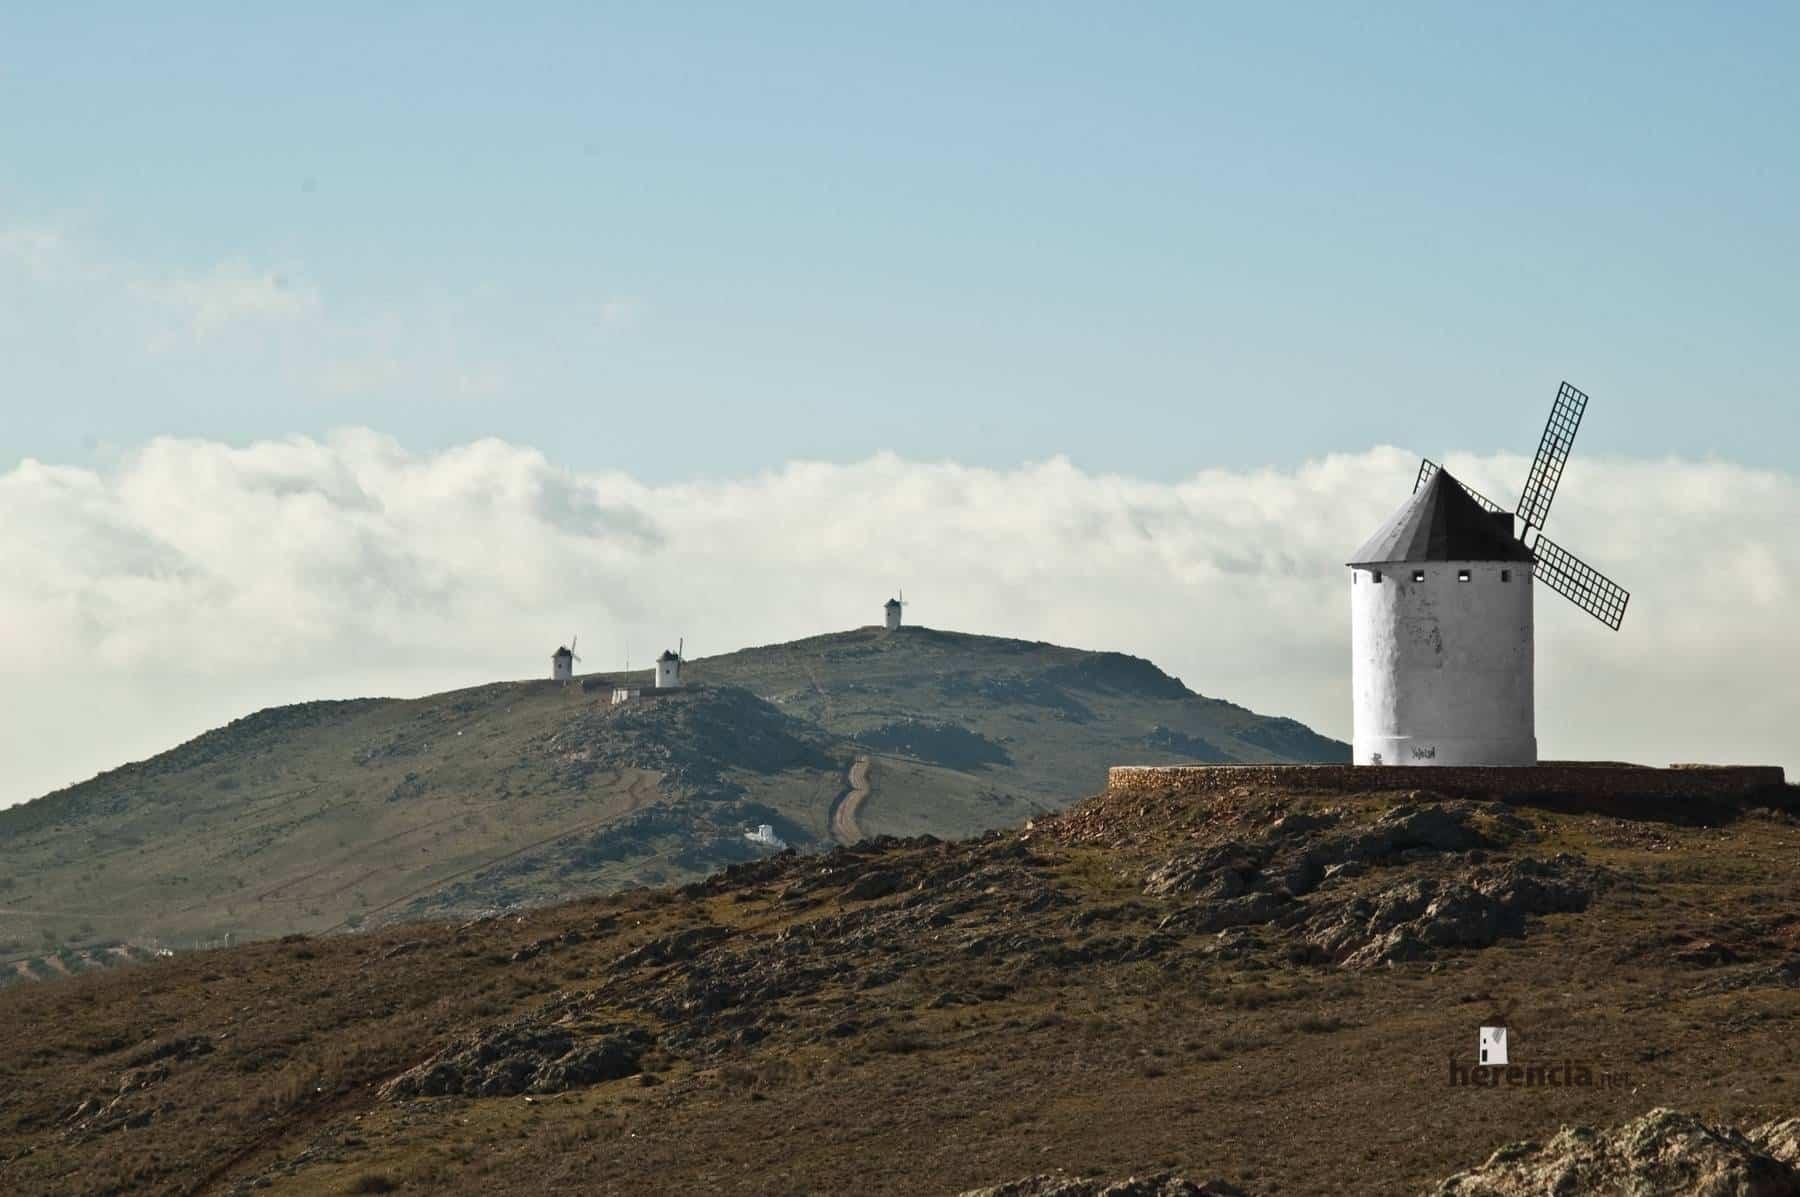 molinos de Viento de Herencia - Los Molinos de viento de Herencia volverán a iluminarse años después